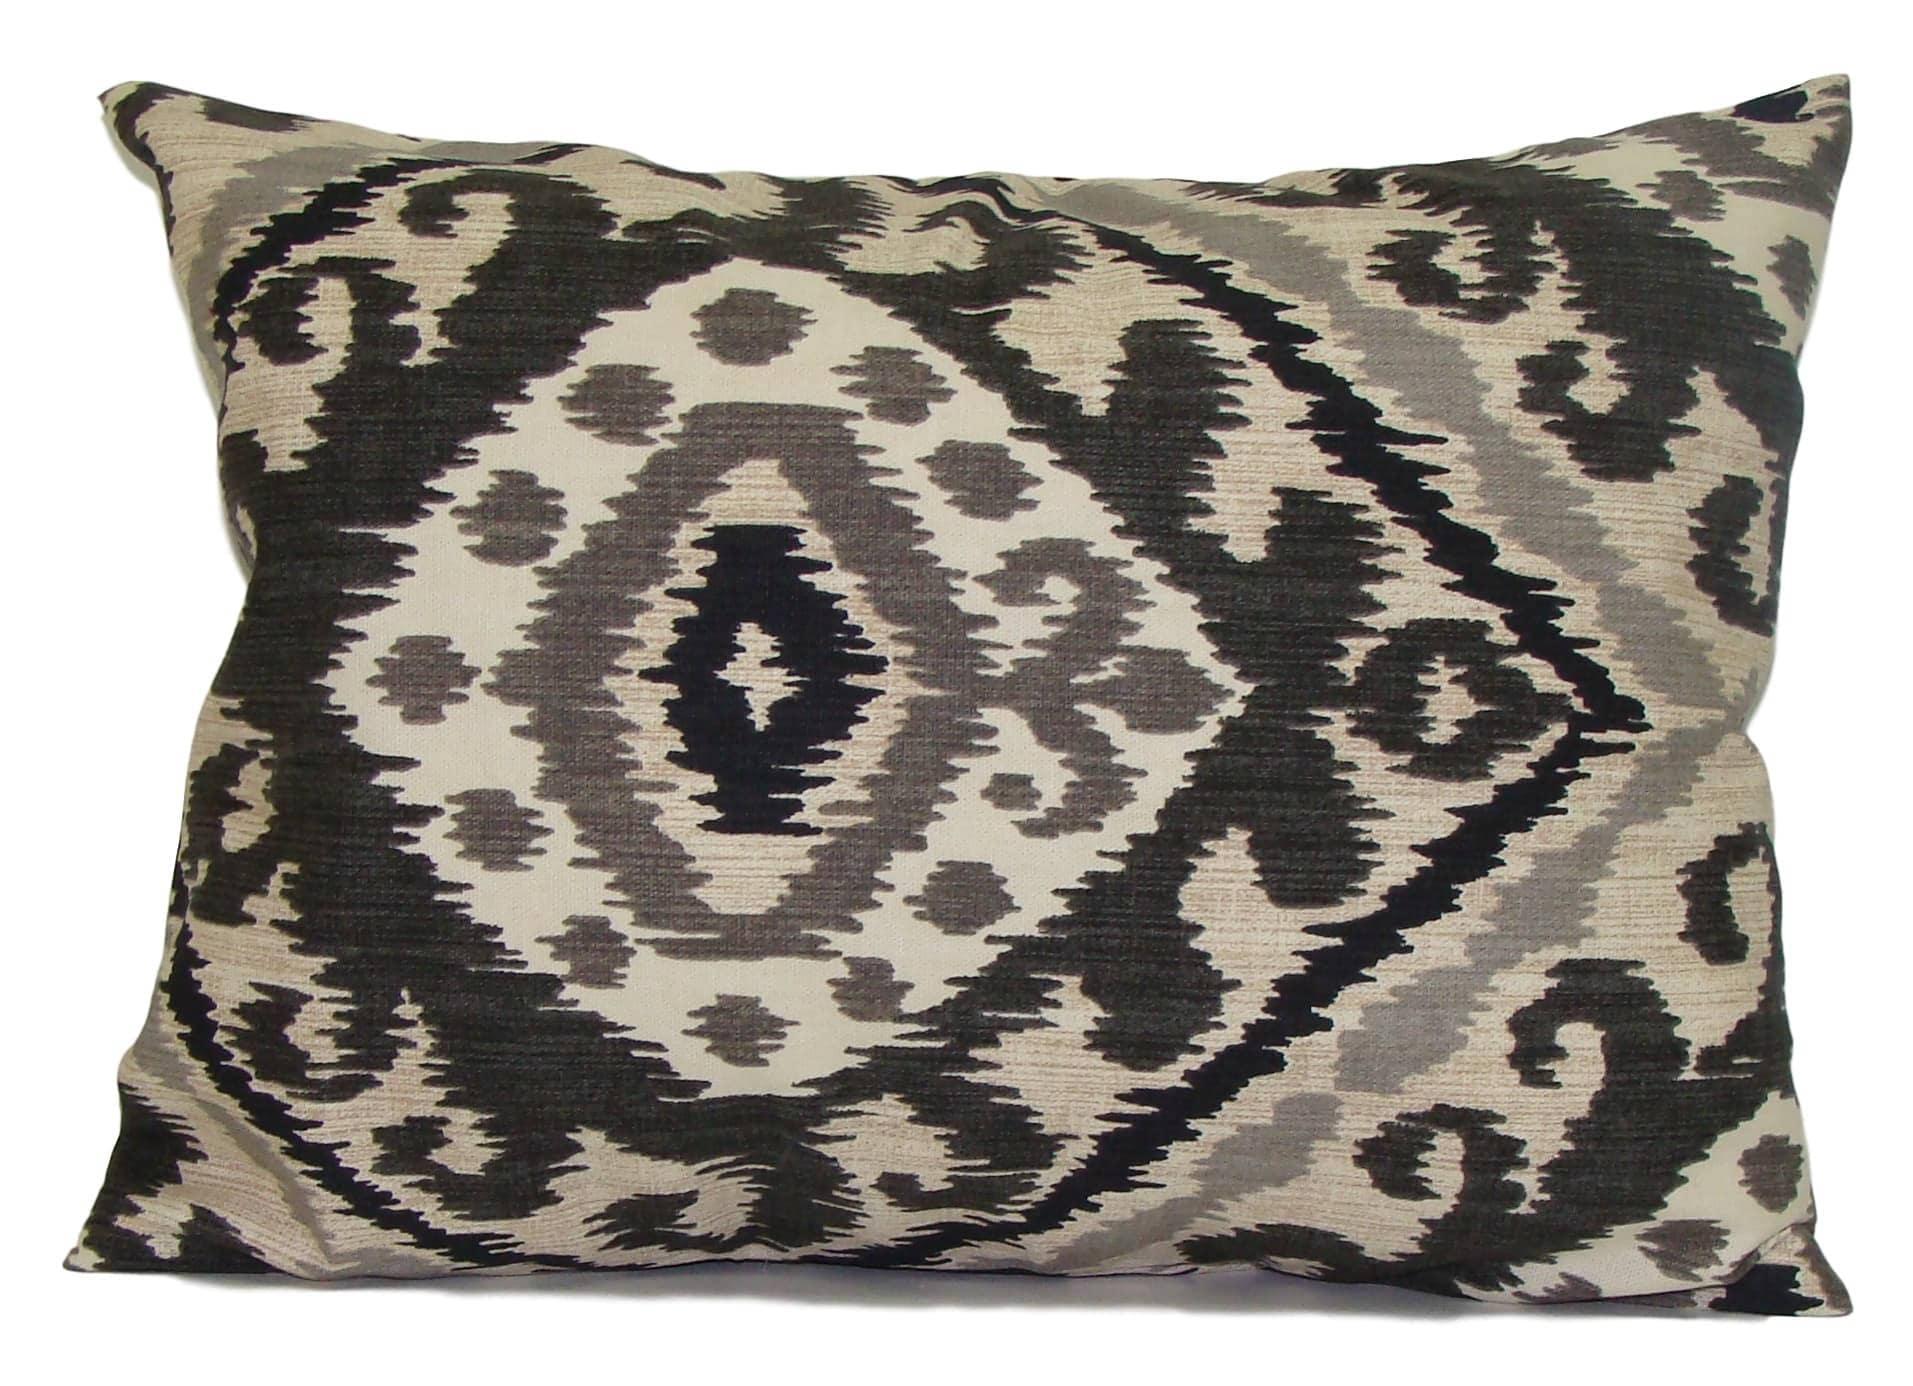 Decorative Pillow Cover 12x16 : Black Ikat Pillow 12x16 or 12x18 Black Pillow Cover Black